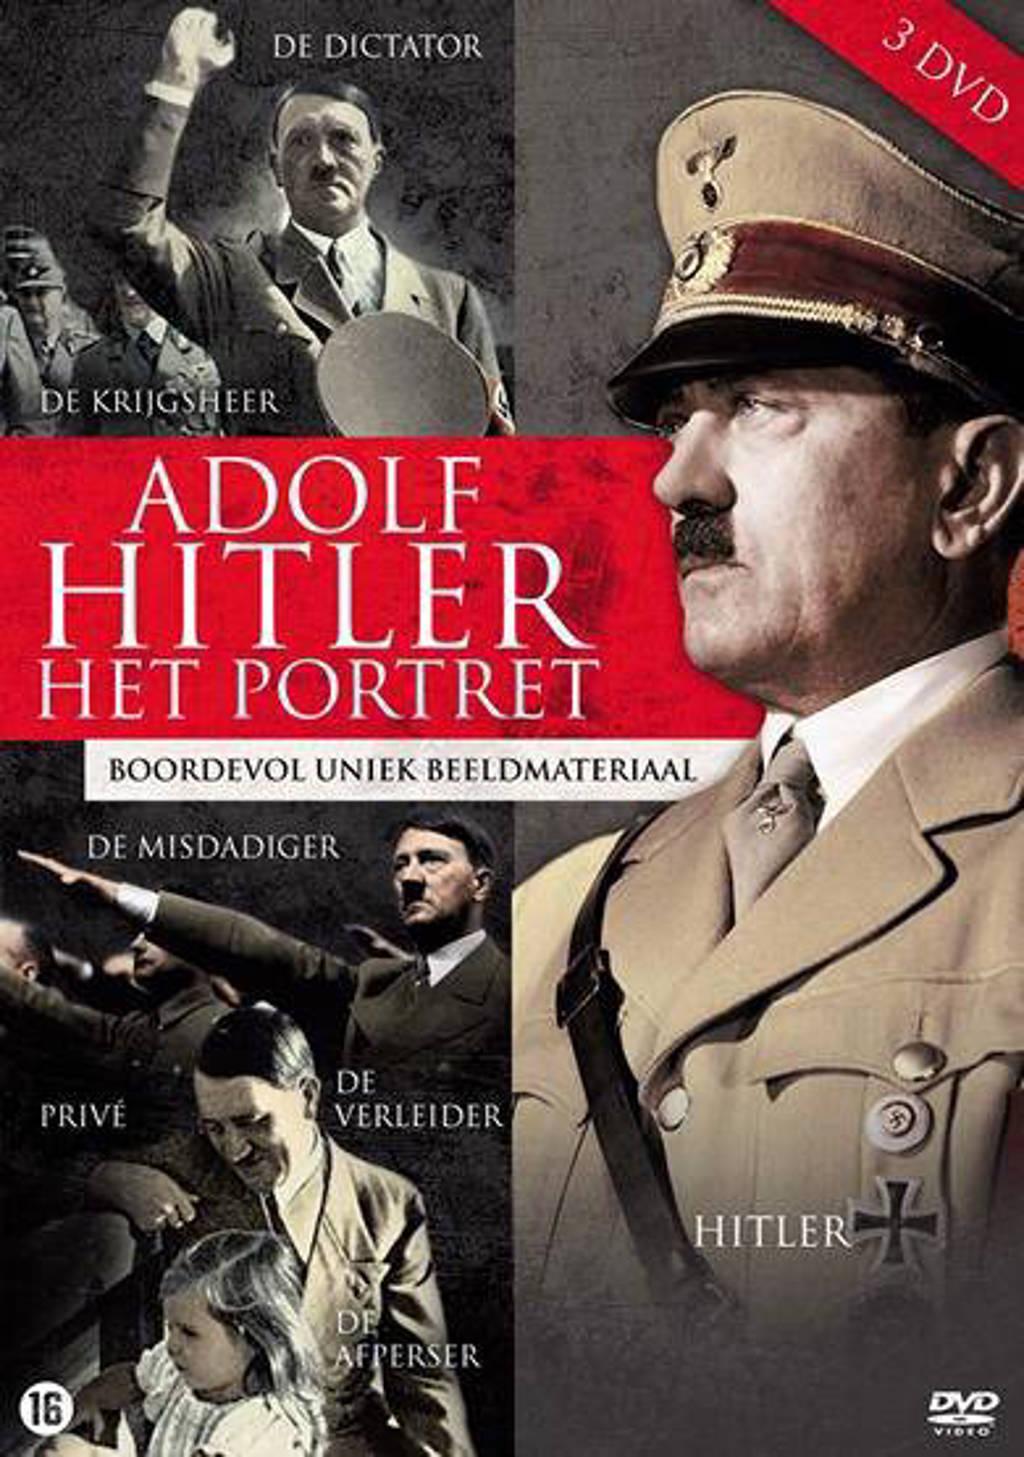 Adolf Hitler - Het portret (DVD)